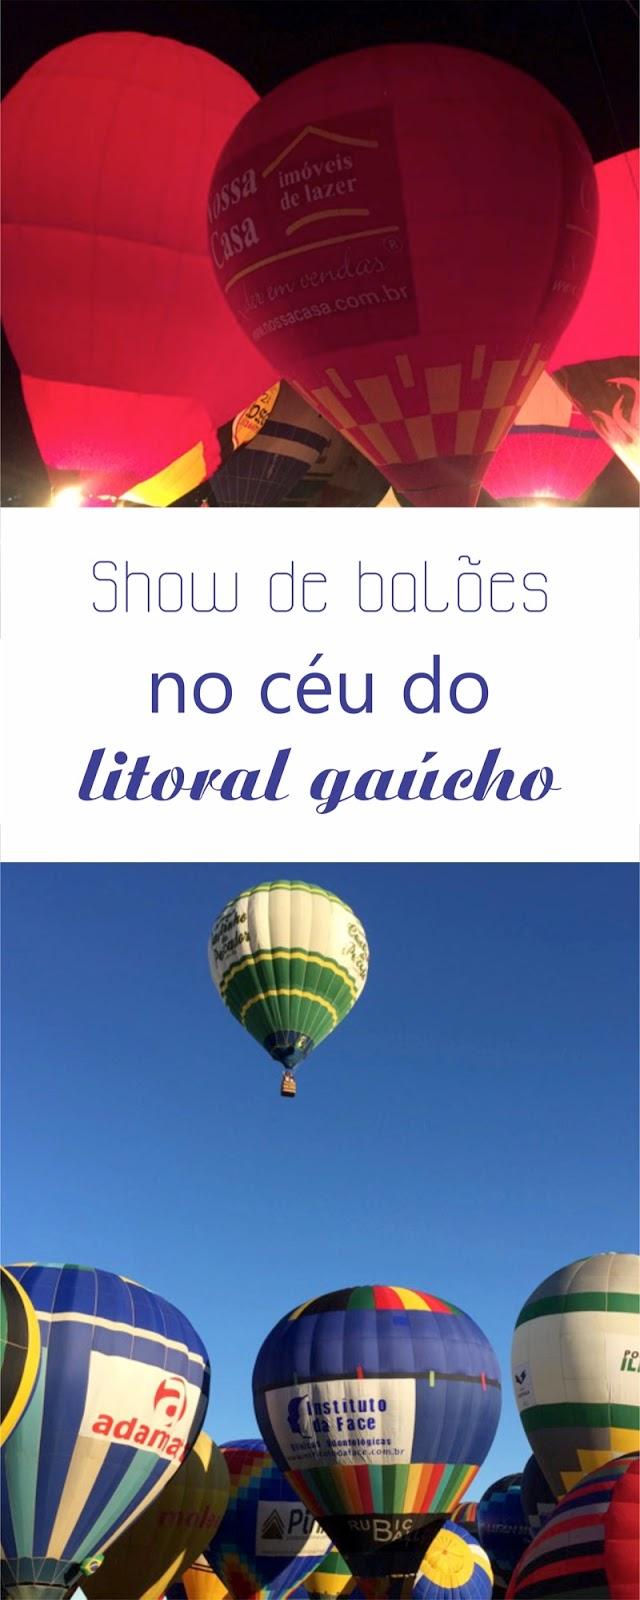 Festival Balonismo em Torres